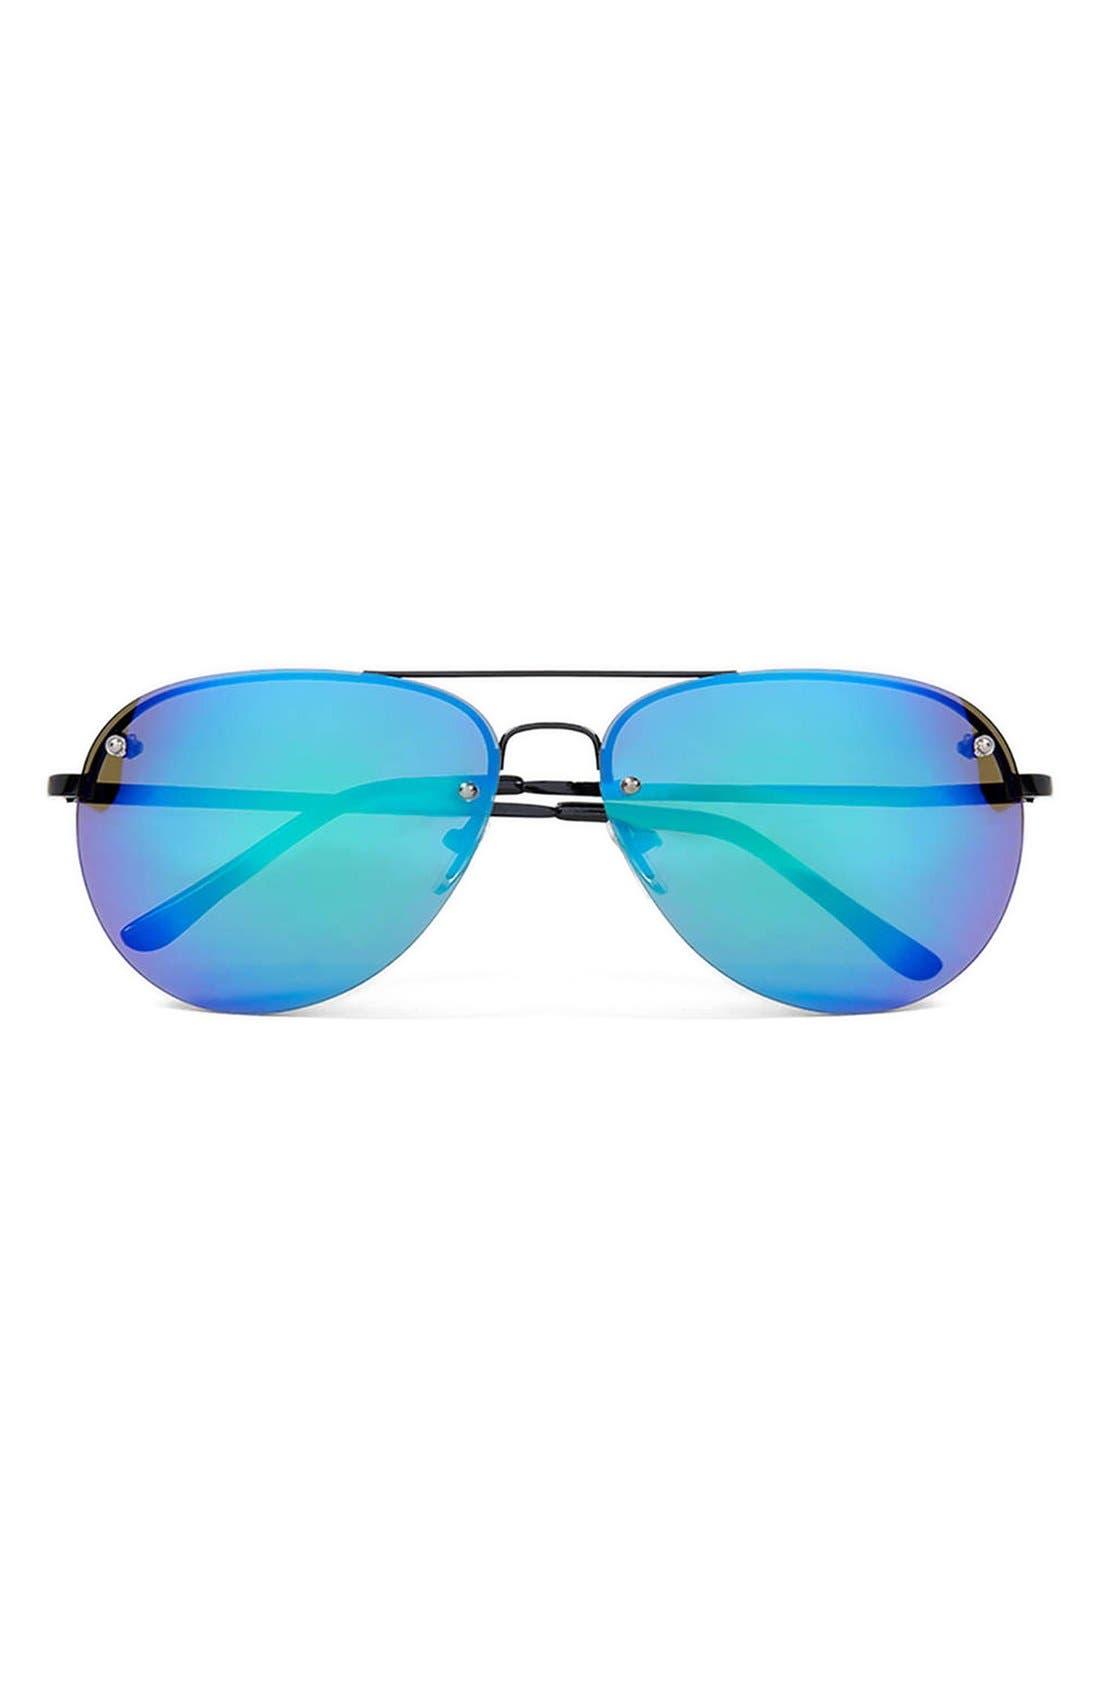 Main Image - Topman 58mm Frameless Aviator Sunglasses